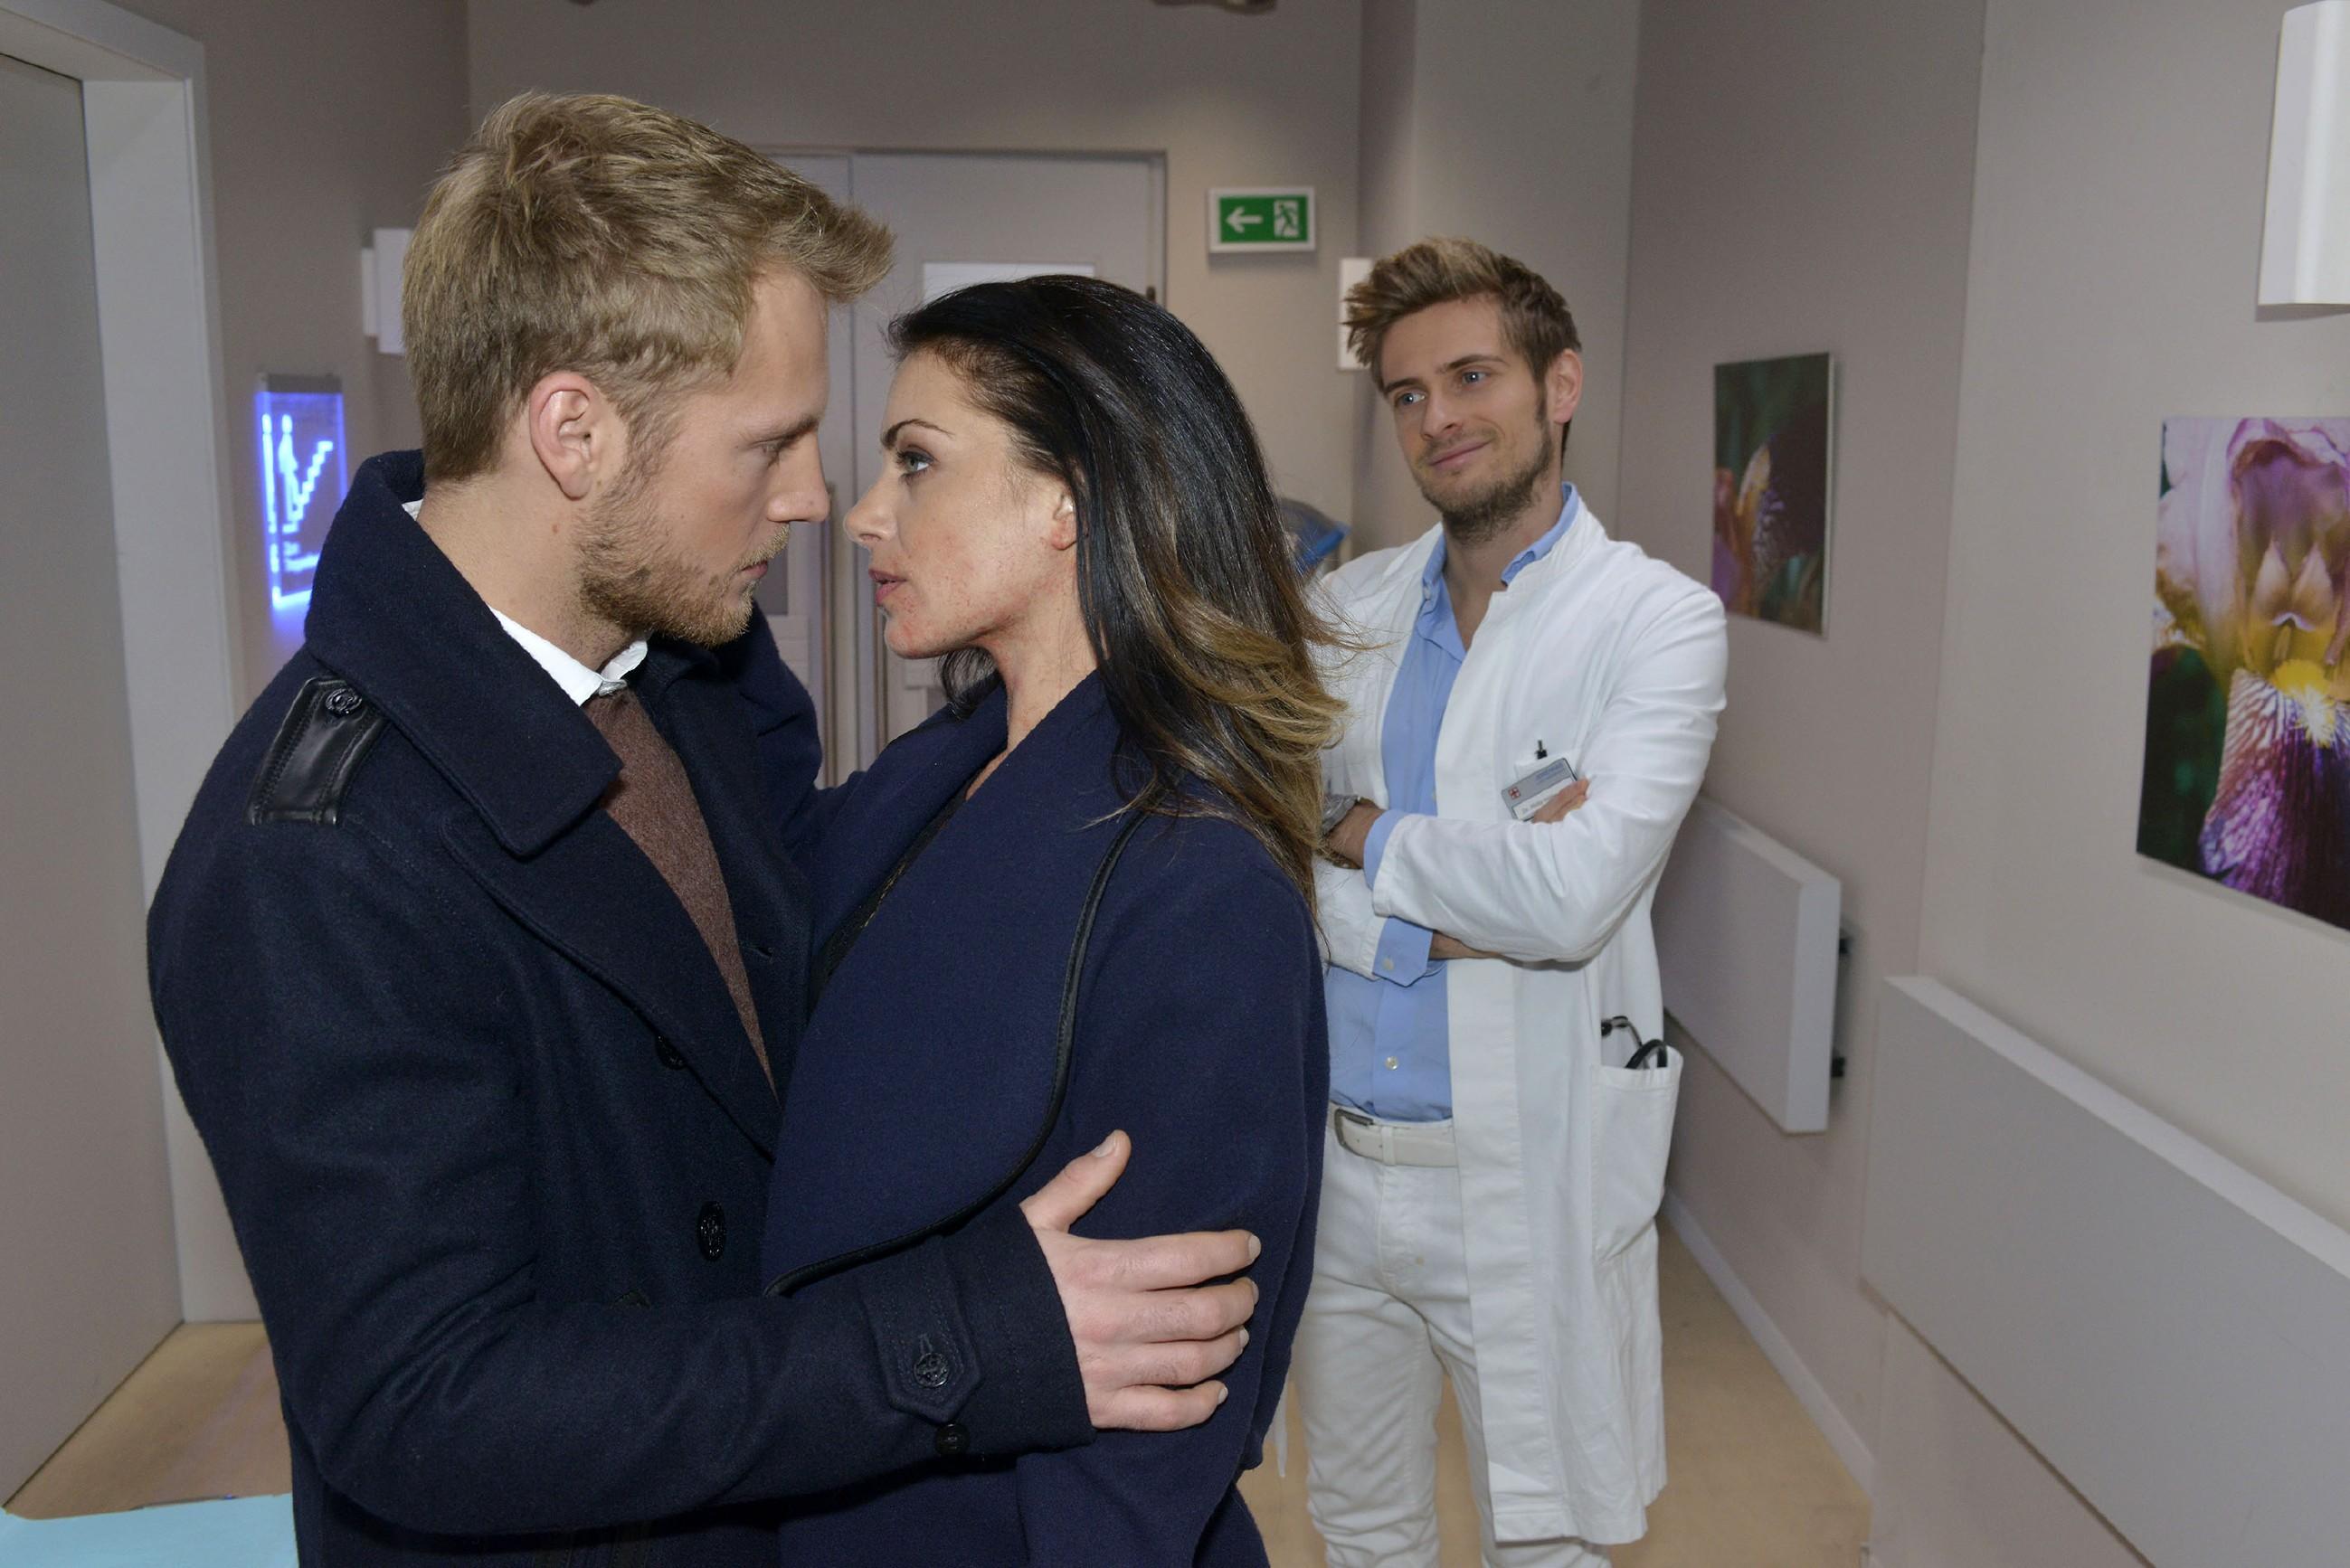 Philip (Jörn Schlönvoigt, r.) beobachtet zufrieden, dass Paul (Niklas Osterloh) und Emily (Anne Menden) endlich zueinander gefunden haben...